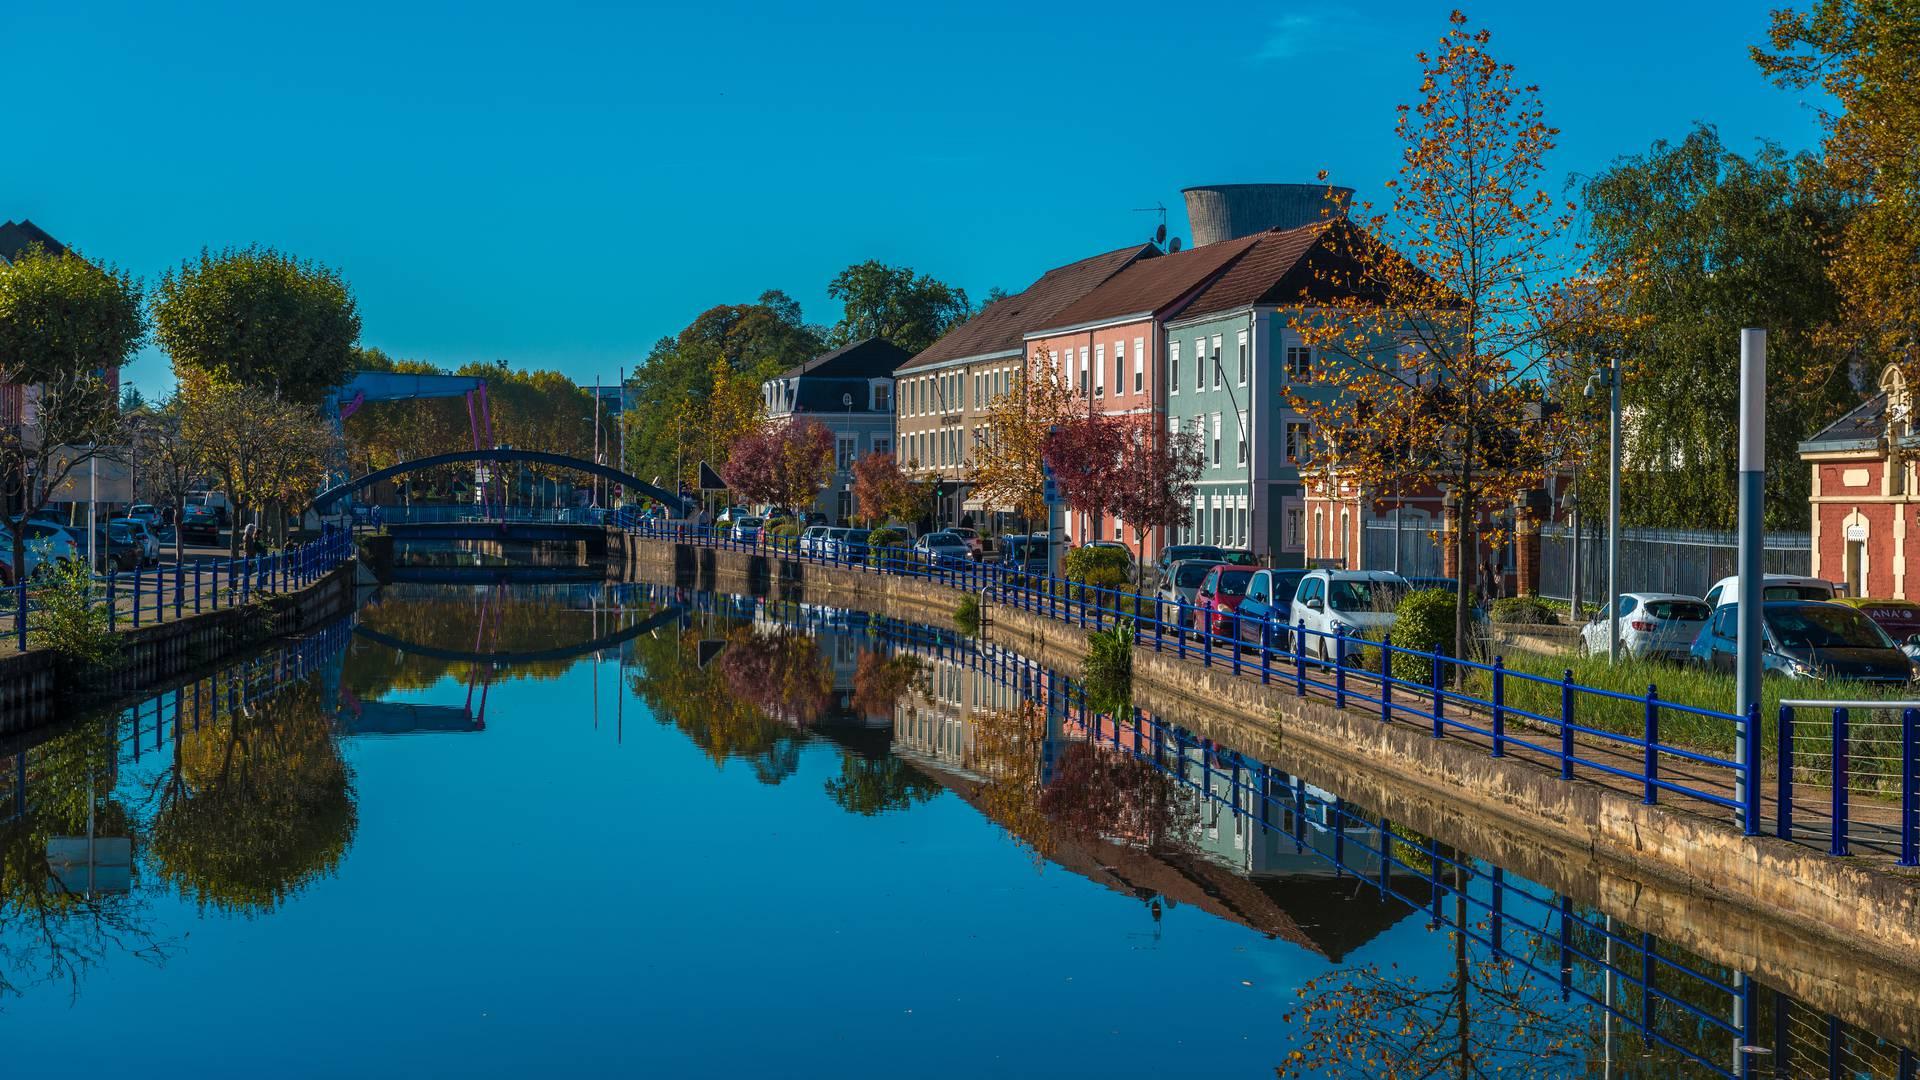 Le canal du Centre à Montceau-les-Mines. © Oscara Photographe, Creusot Montceau Tourisme.